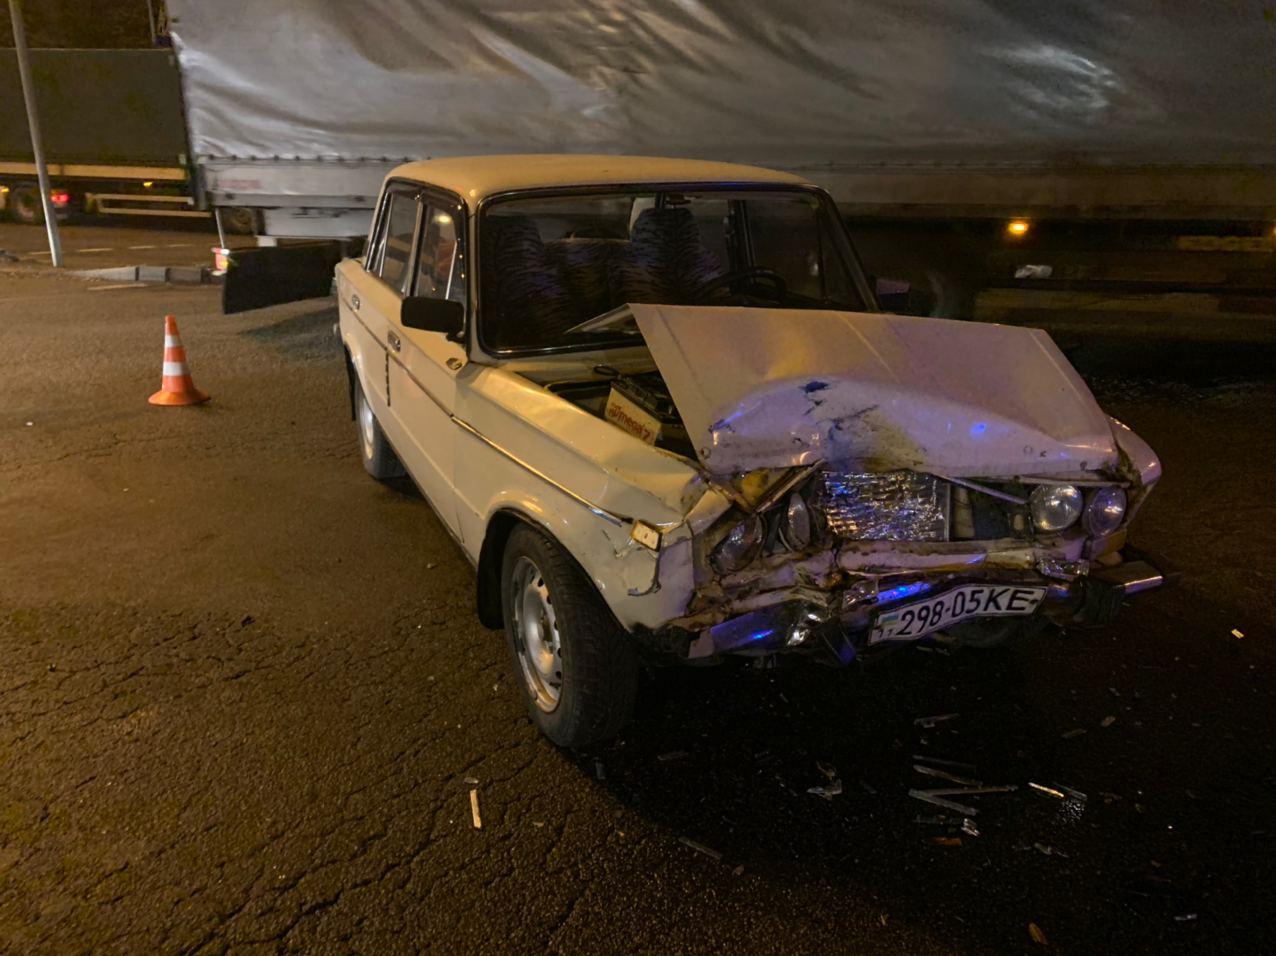 У Києві водій намагався «проскочити», а скоїв ДТП - ДТП, ВАЗ, Аварія на дорозі - IMG 20201116 072900 931